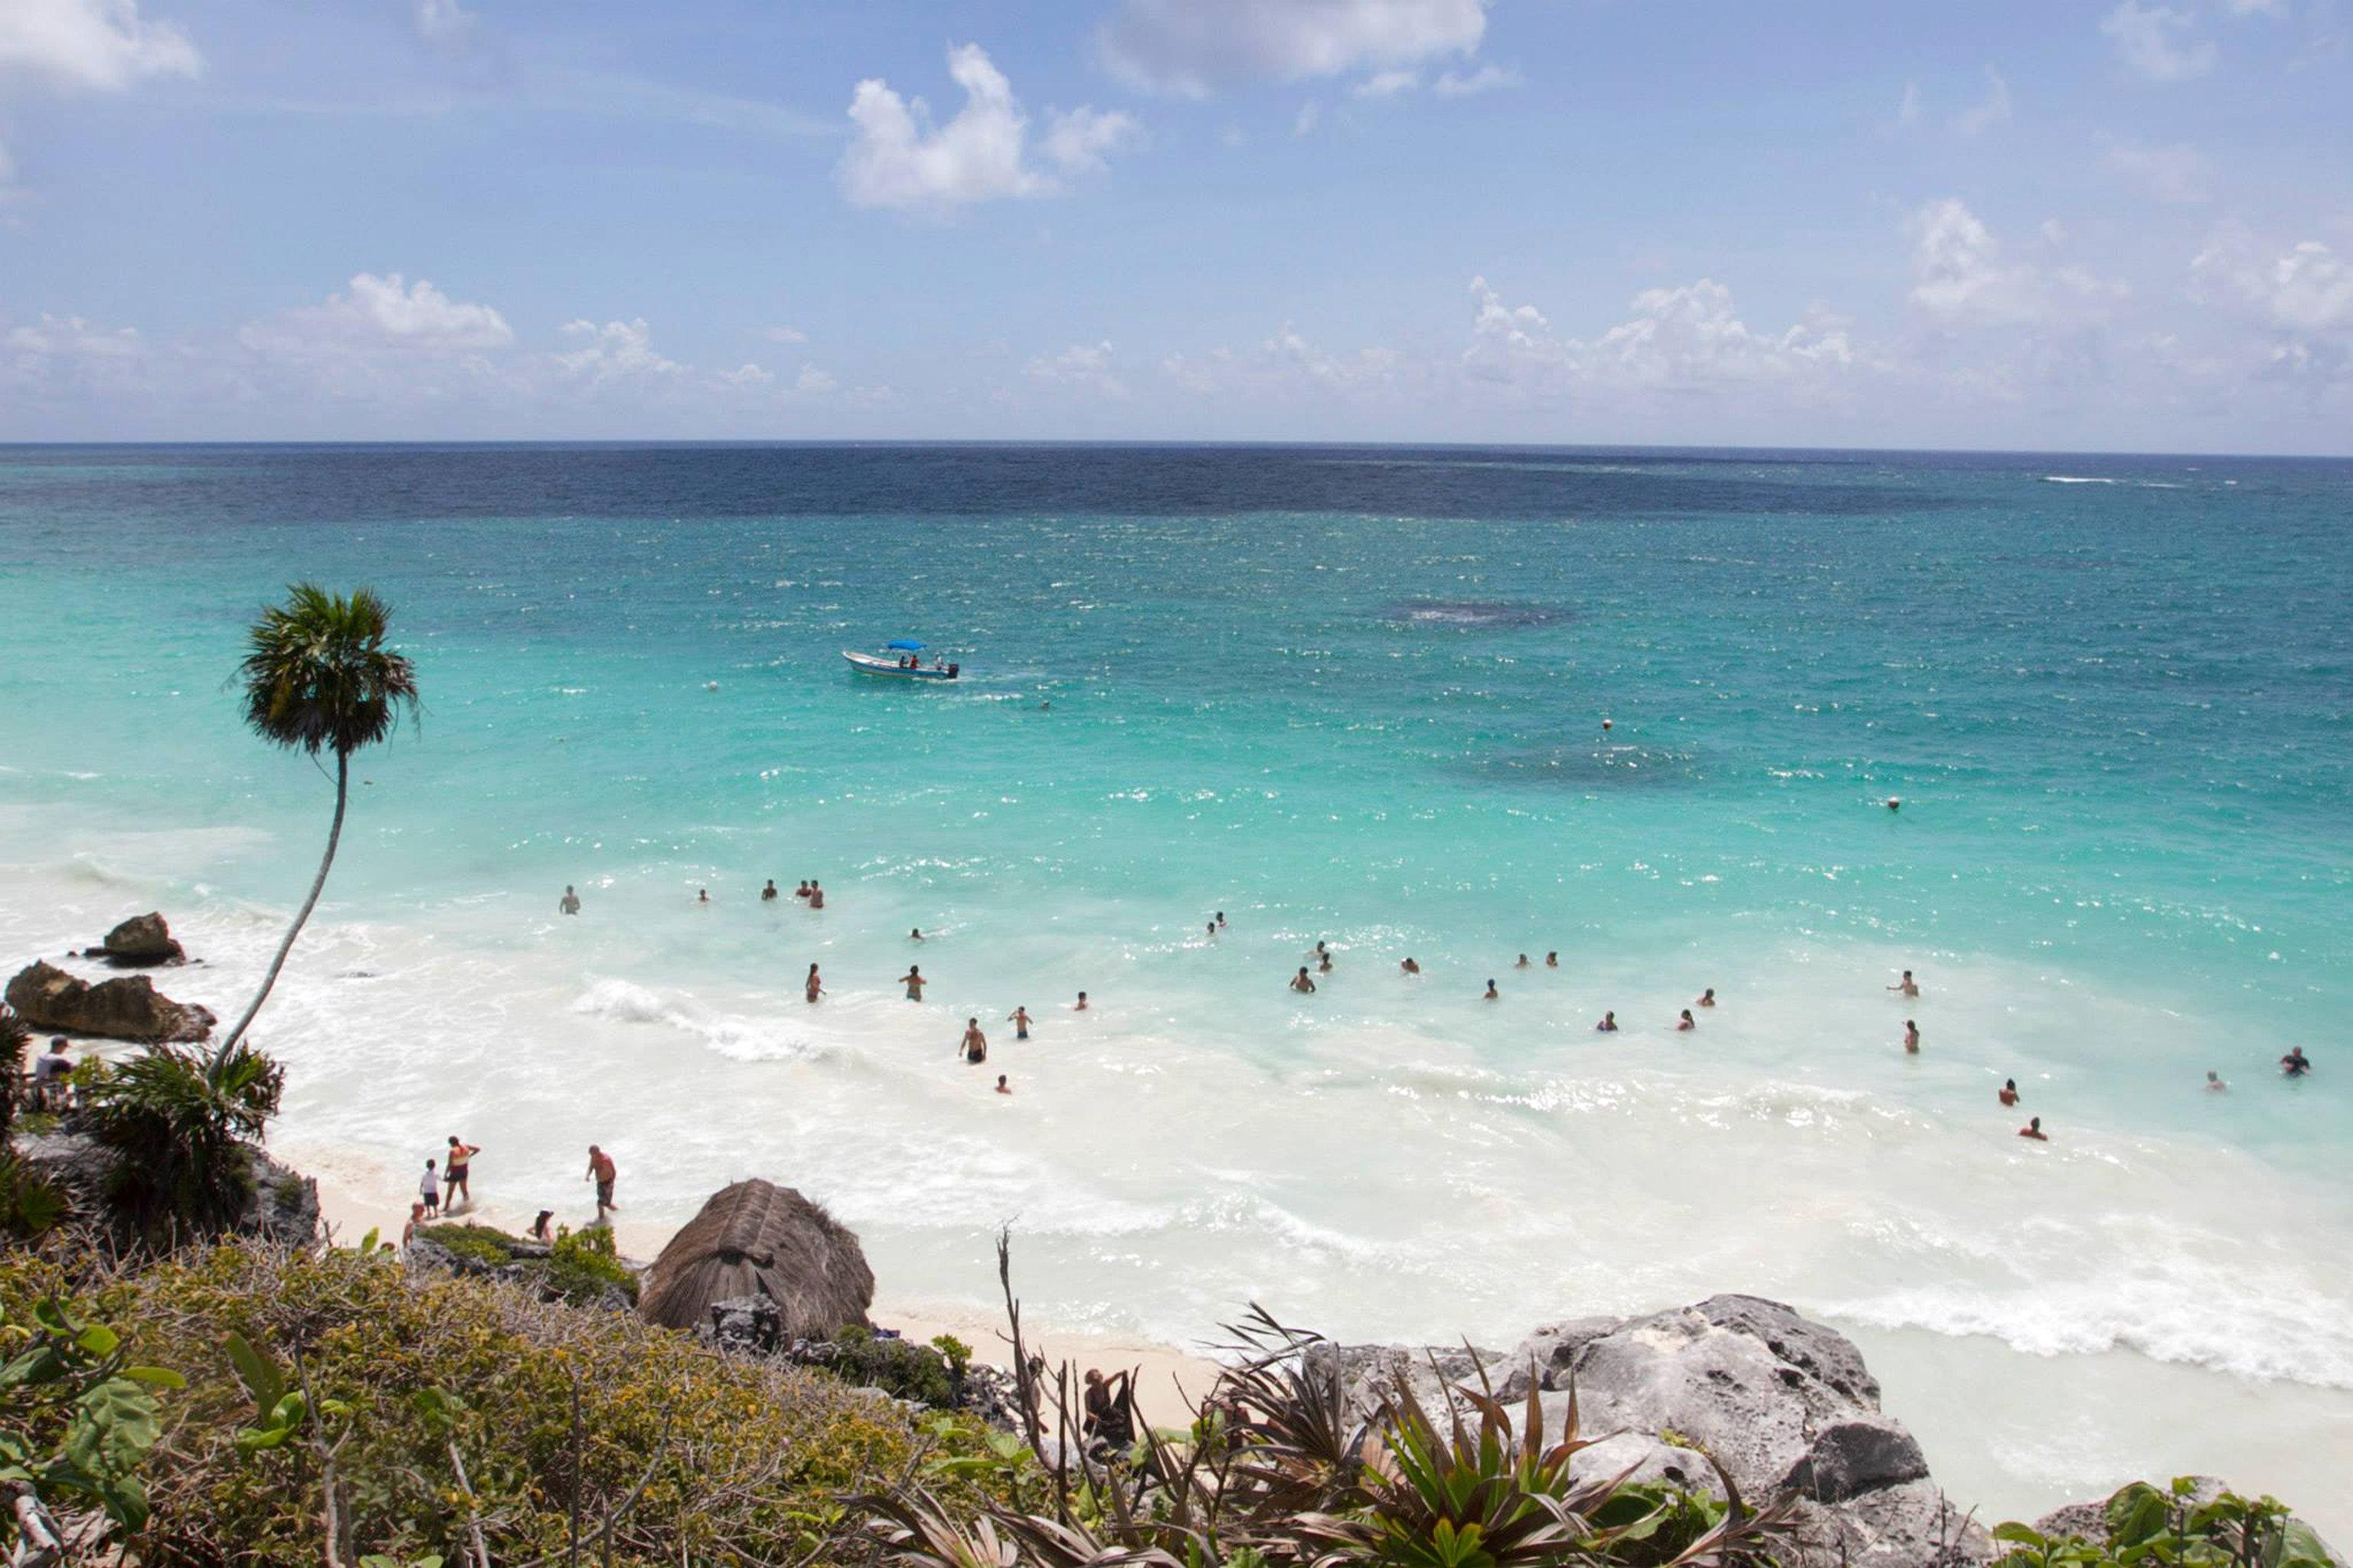 Beach Beachfront Lounge Luxury Ocean water sky Nature shore Sea Coast horizon wind wave wave caribbean cape tropics cove islet sand terrain day